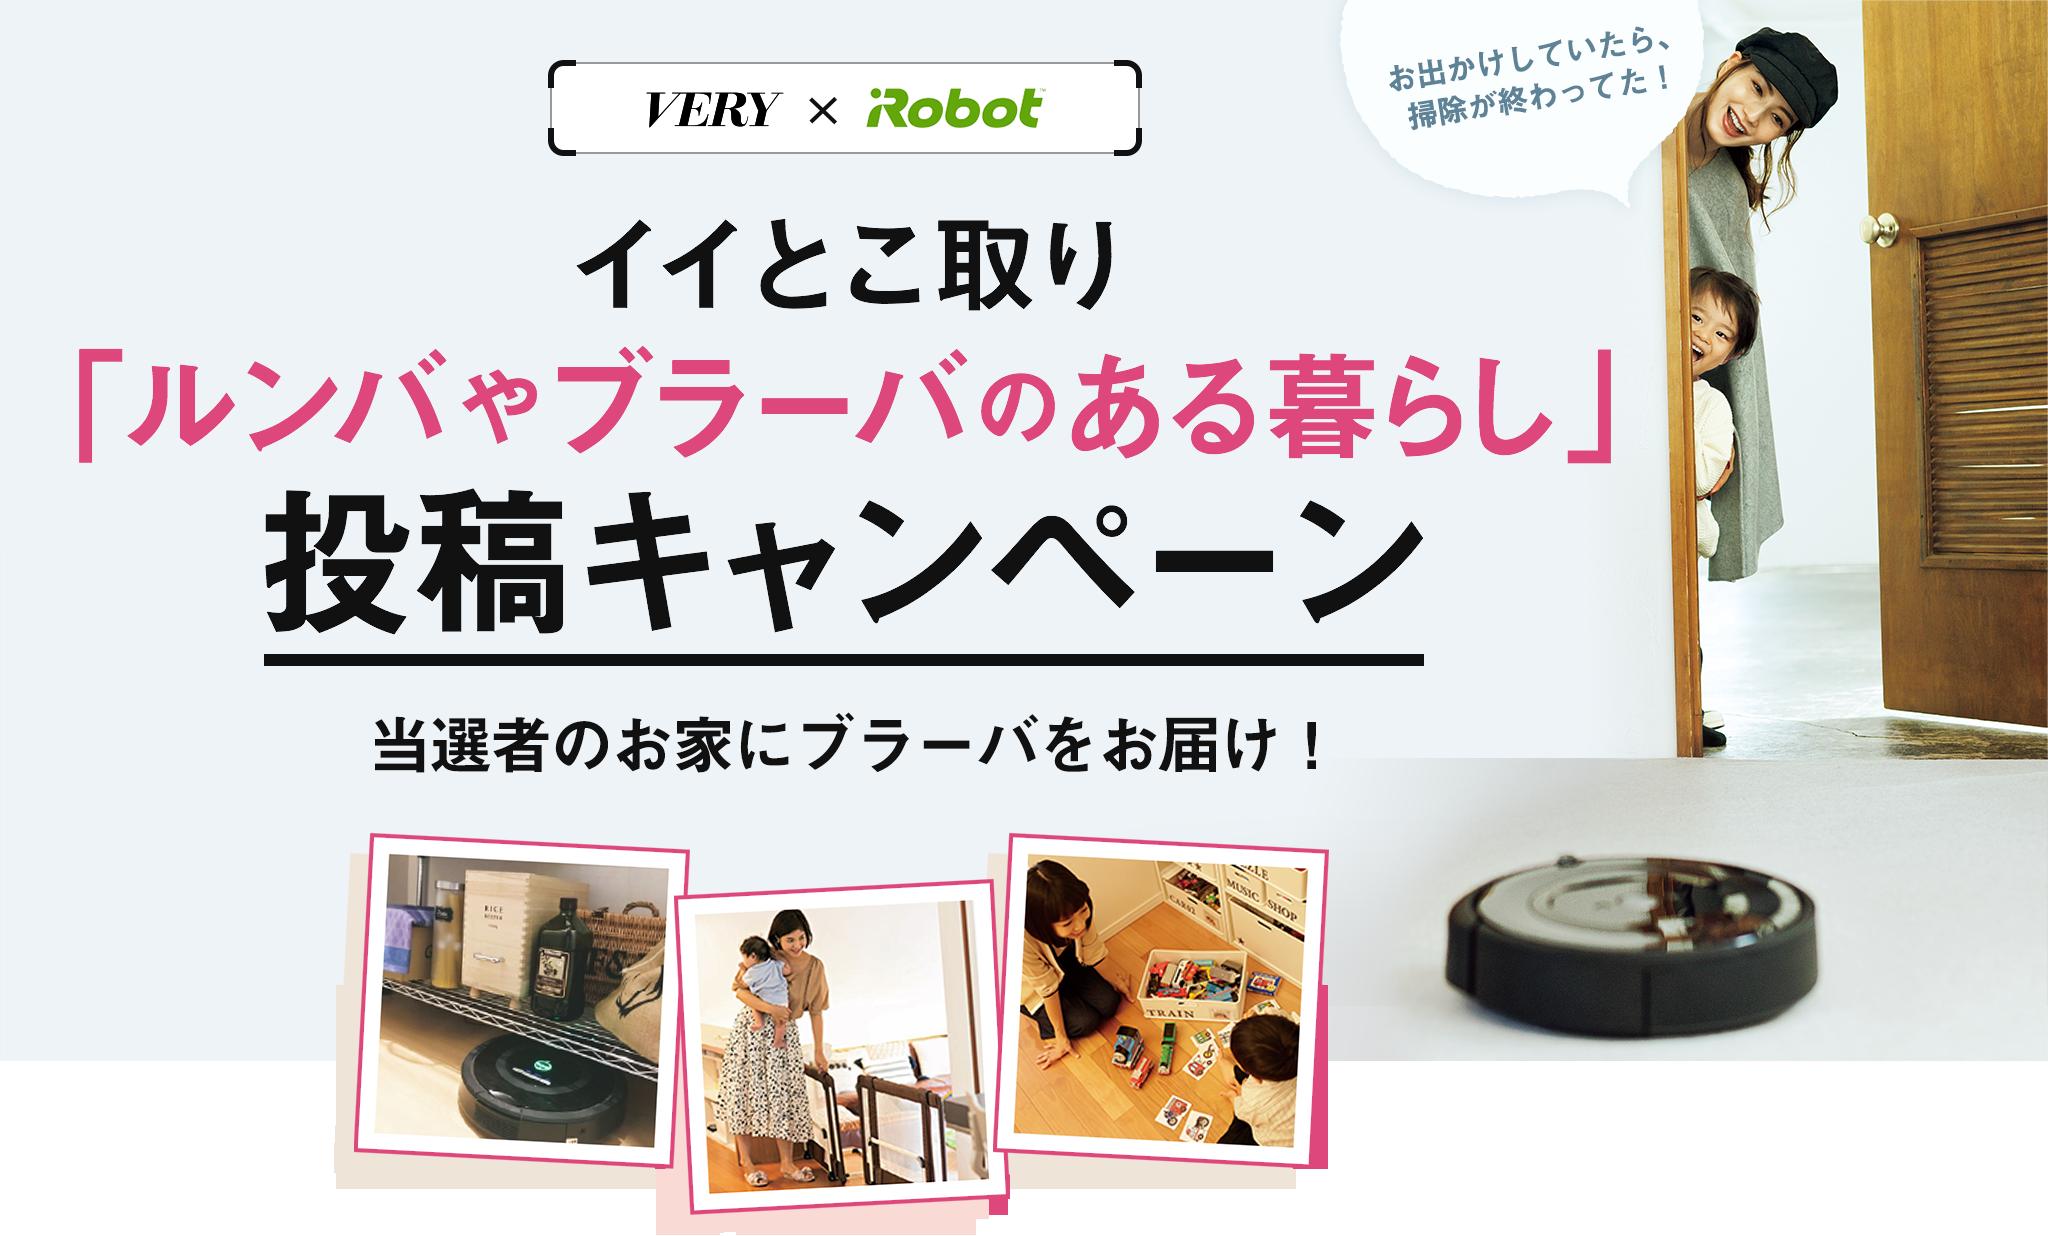 VERY × iRobot イイとこ取り「ルンバやブラーバのある暮らし」投稿キャンペーン 当選者のお家にブラーバをお届け!